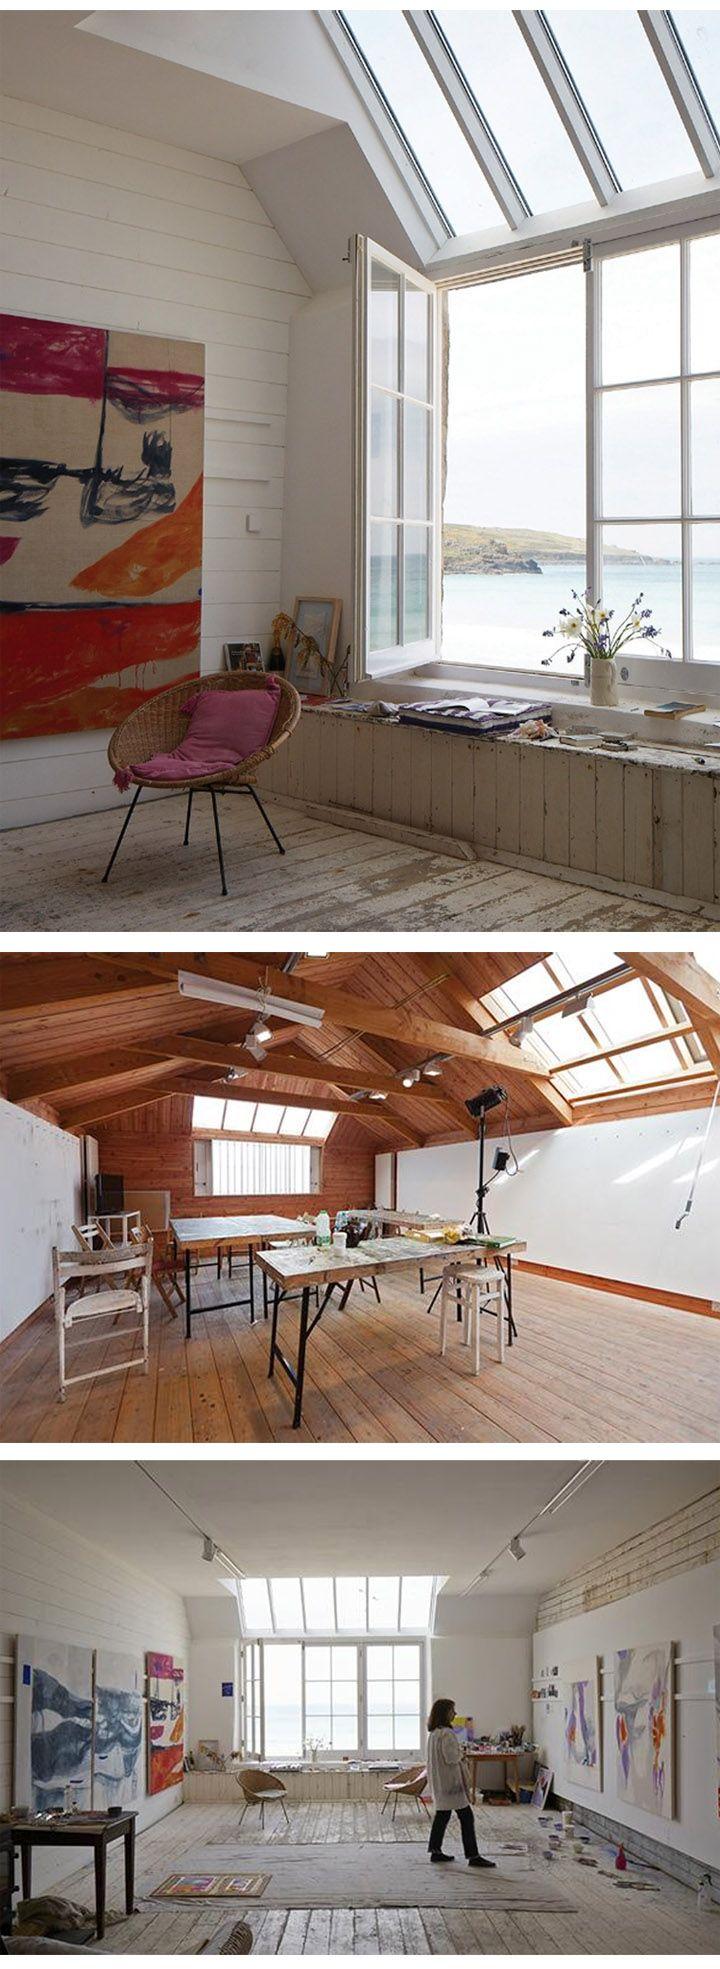 Porthmeor Studios, St Ives, UK